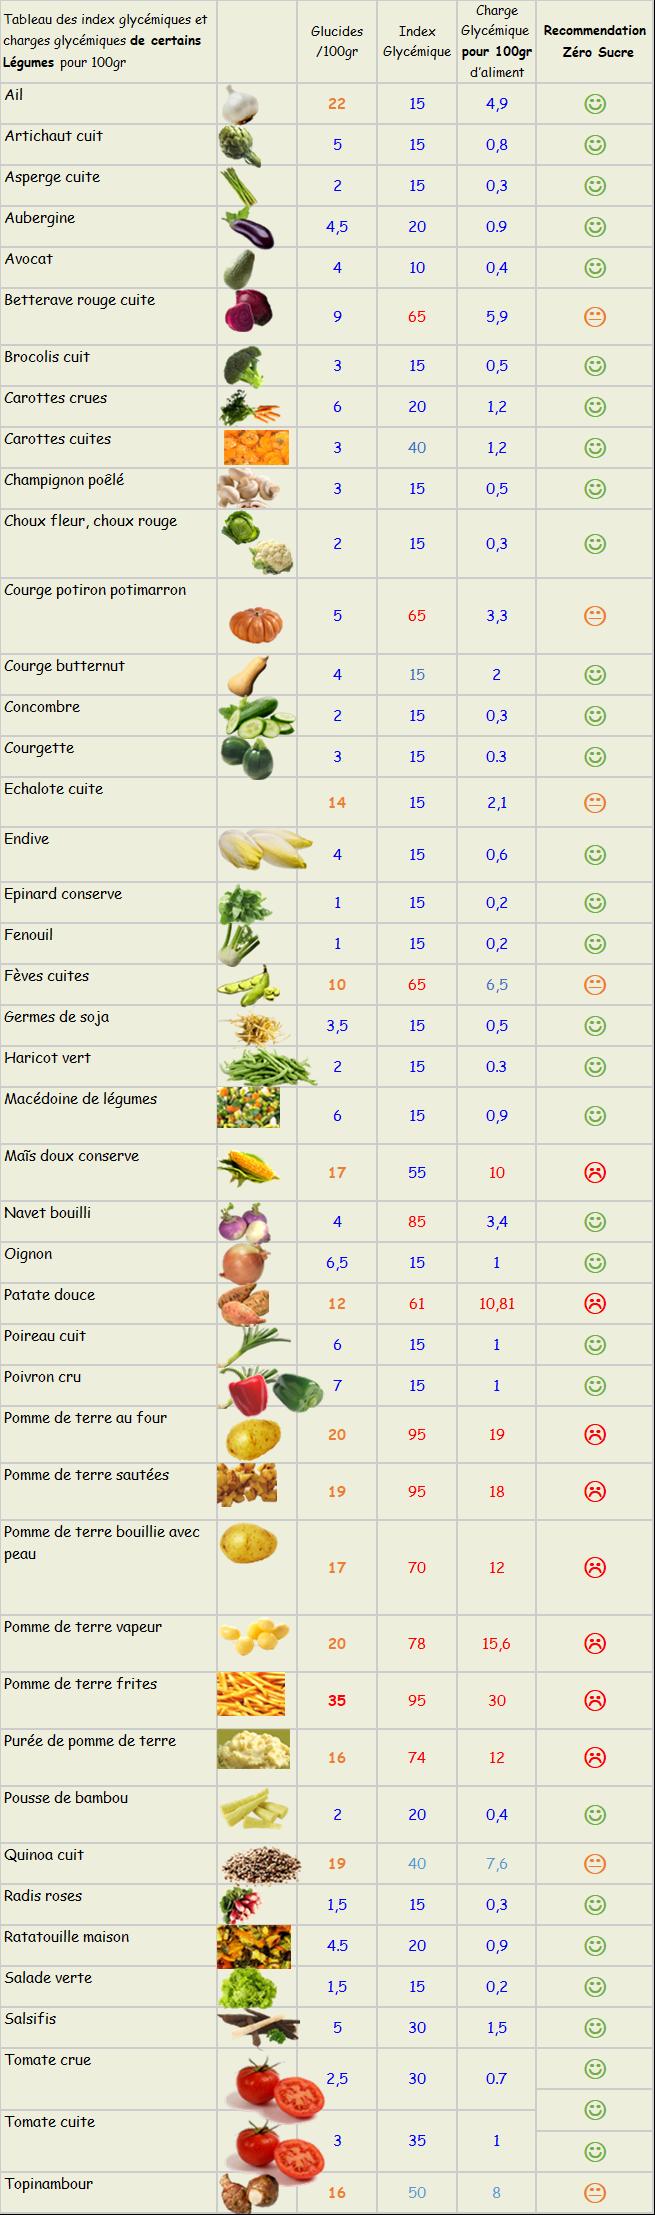 Les Legumes Zero Sucre Ajoute